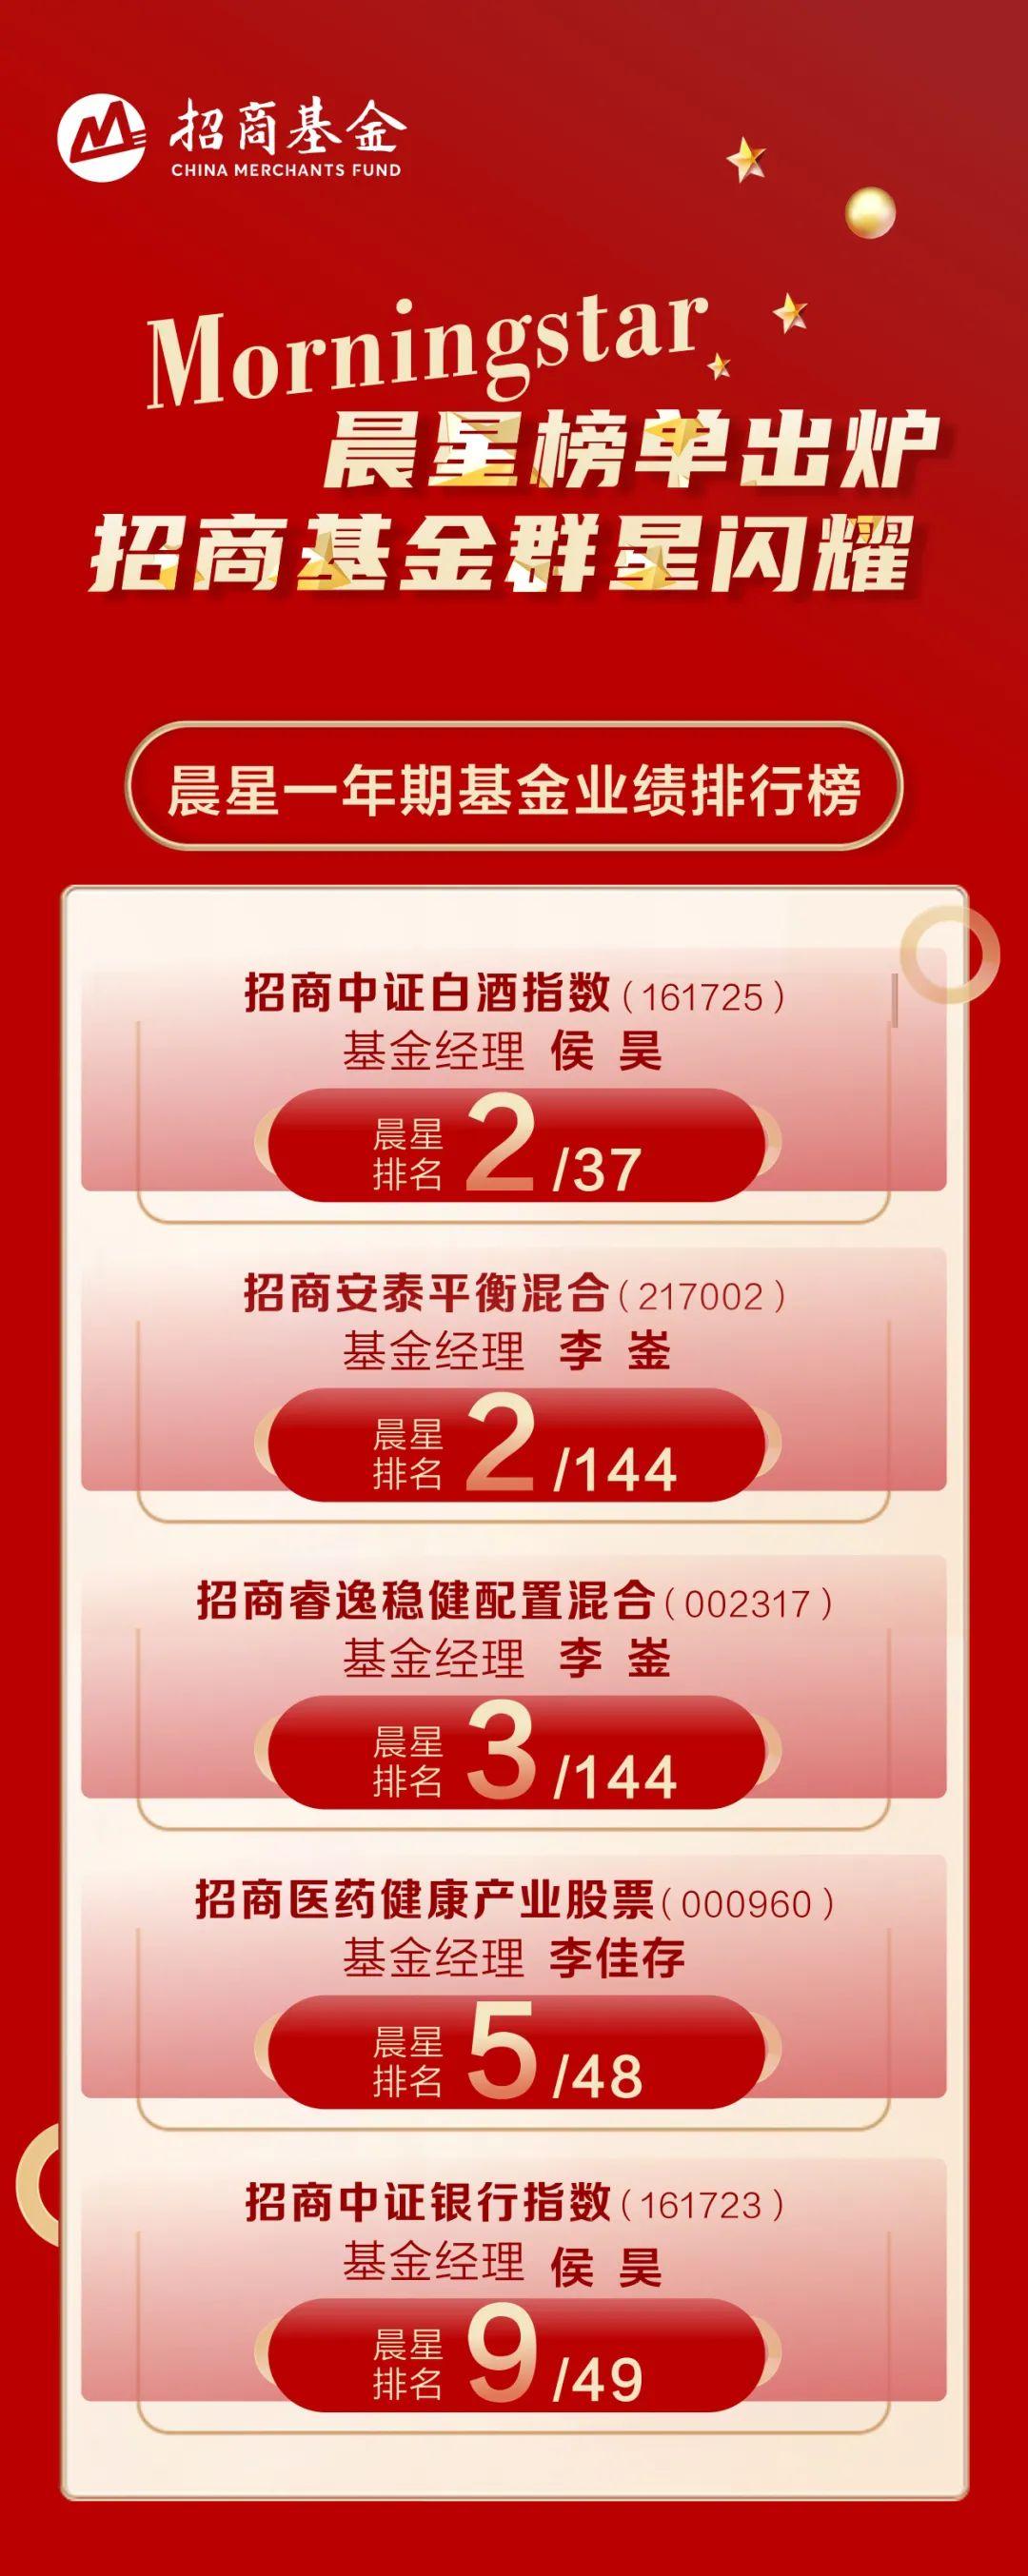 晨星中长期业绩榜单发布 招商基金旗下12只产品跻身TOP10